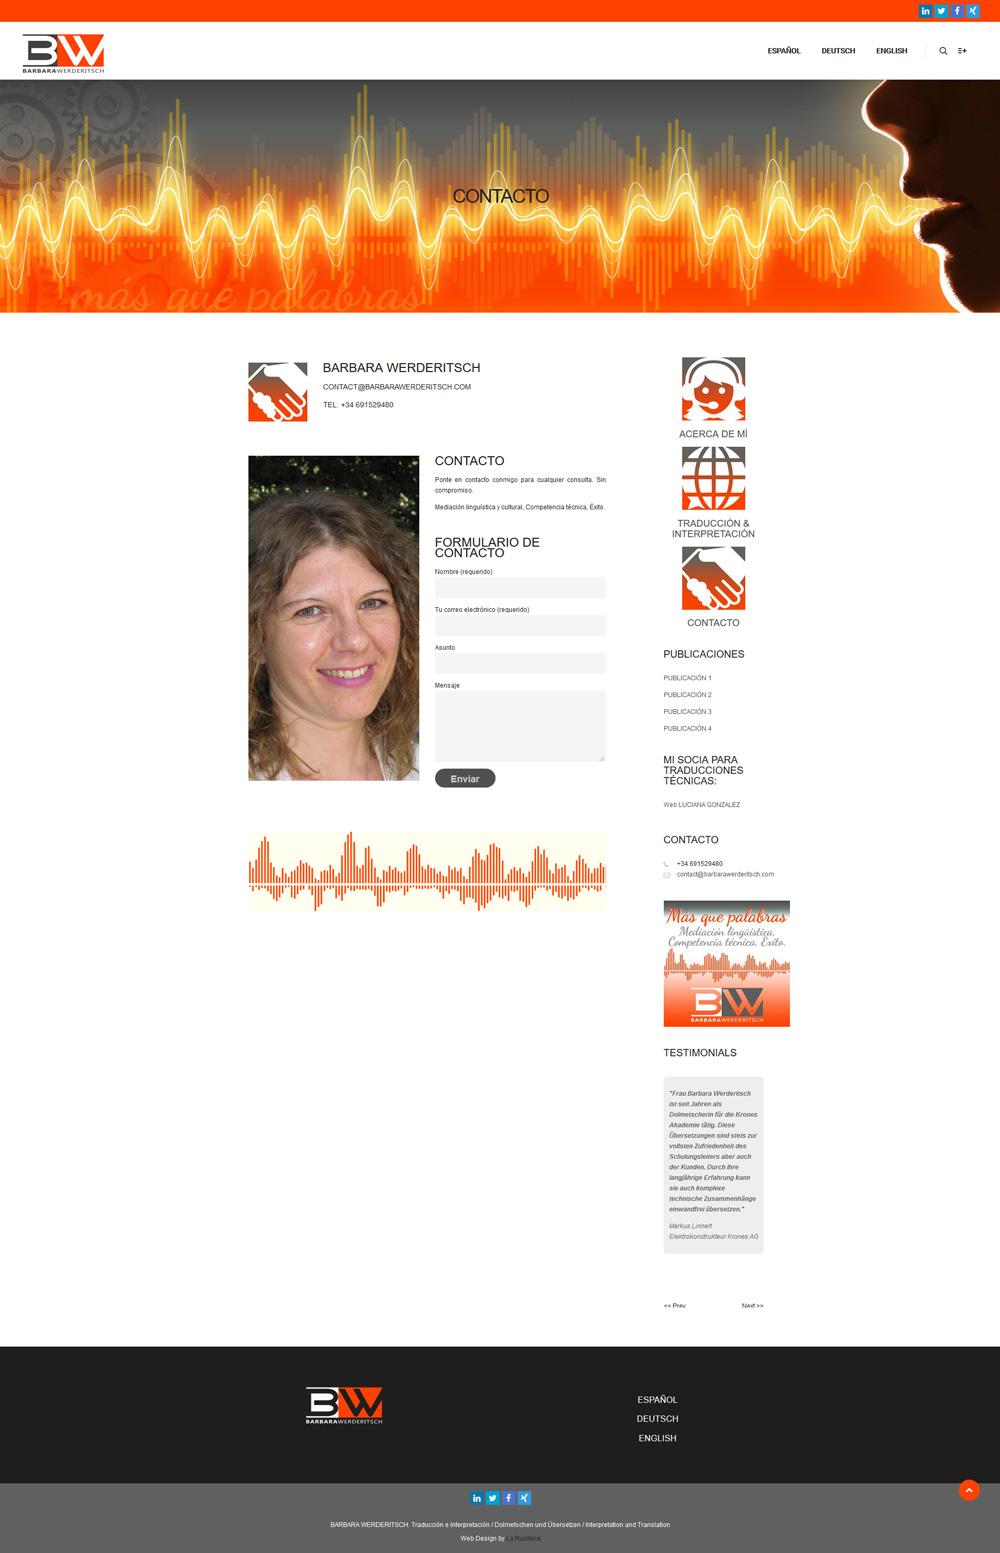 Diseño y desarrollo web BARBARA WERDERITSCH Contacto